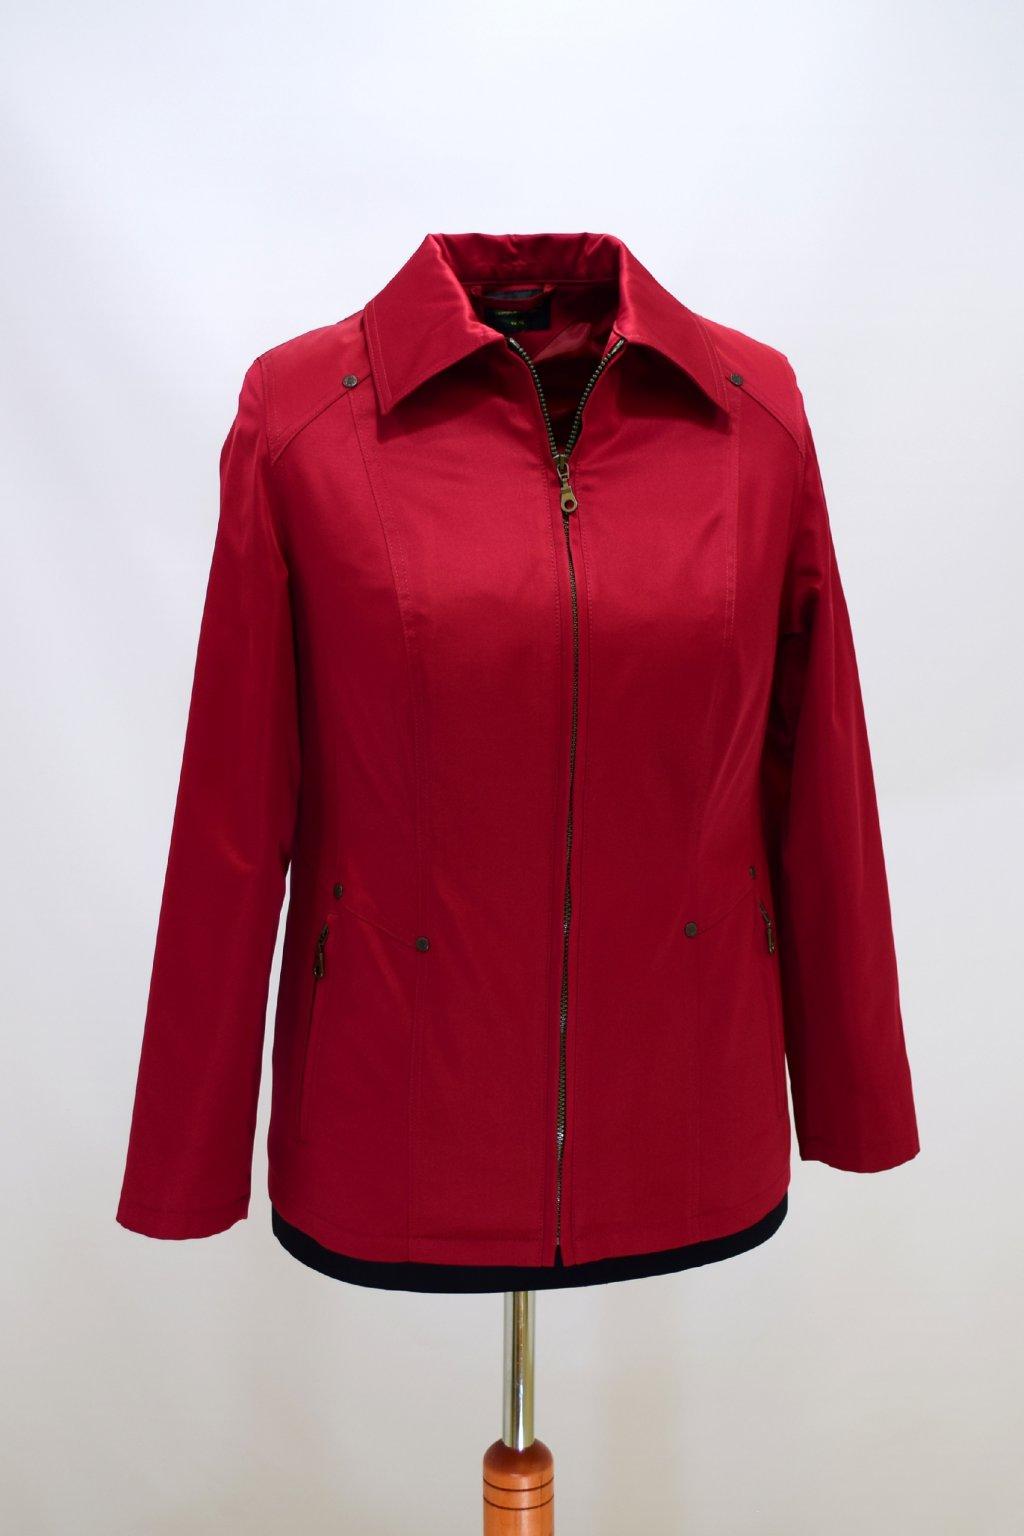 Dámská vínová jarní bunda Hana nadměrné velikosti.